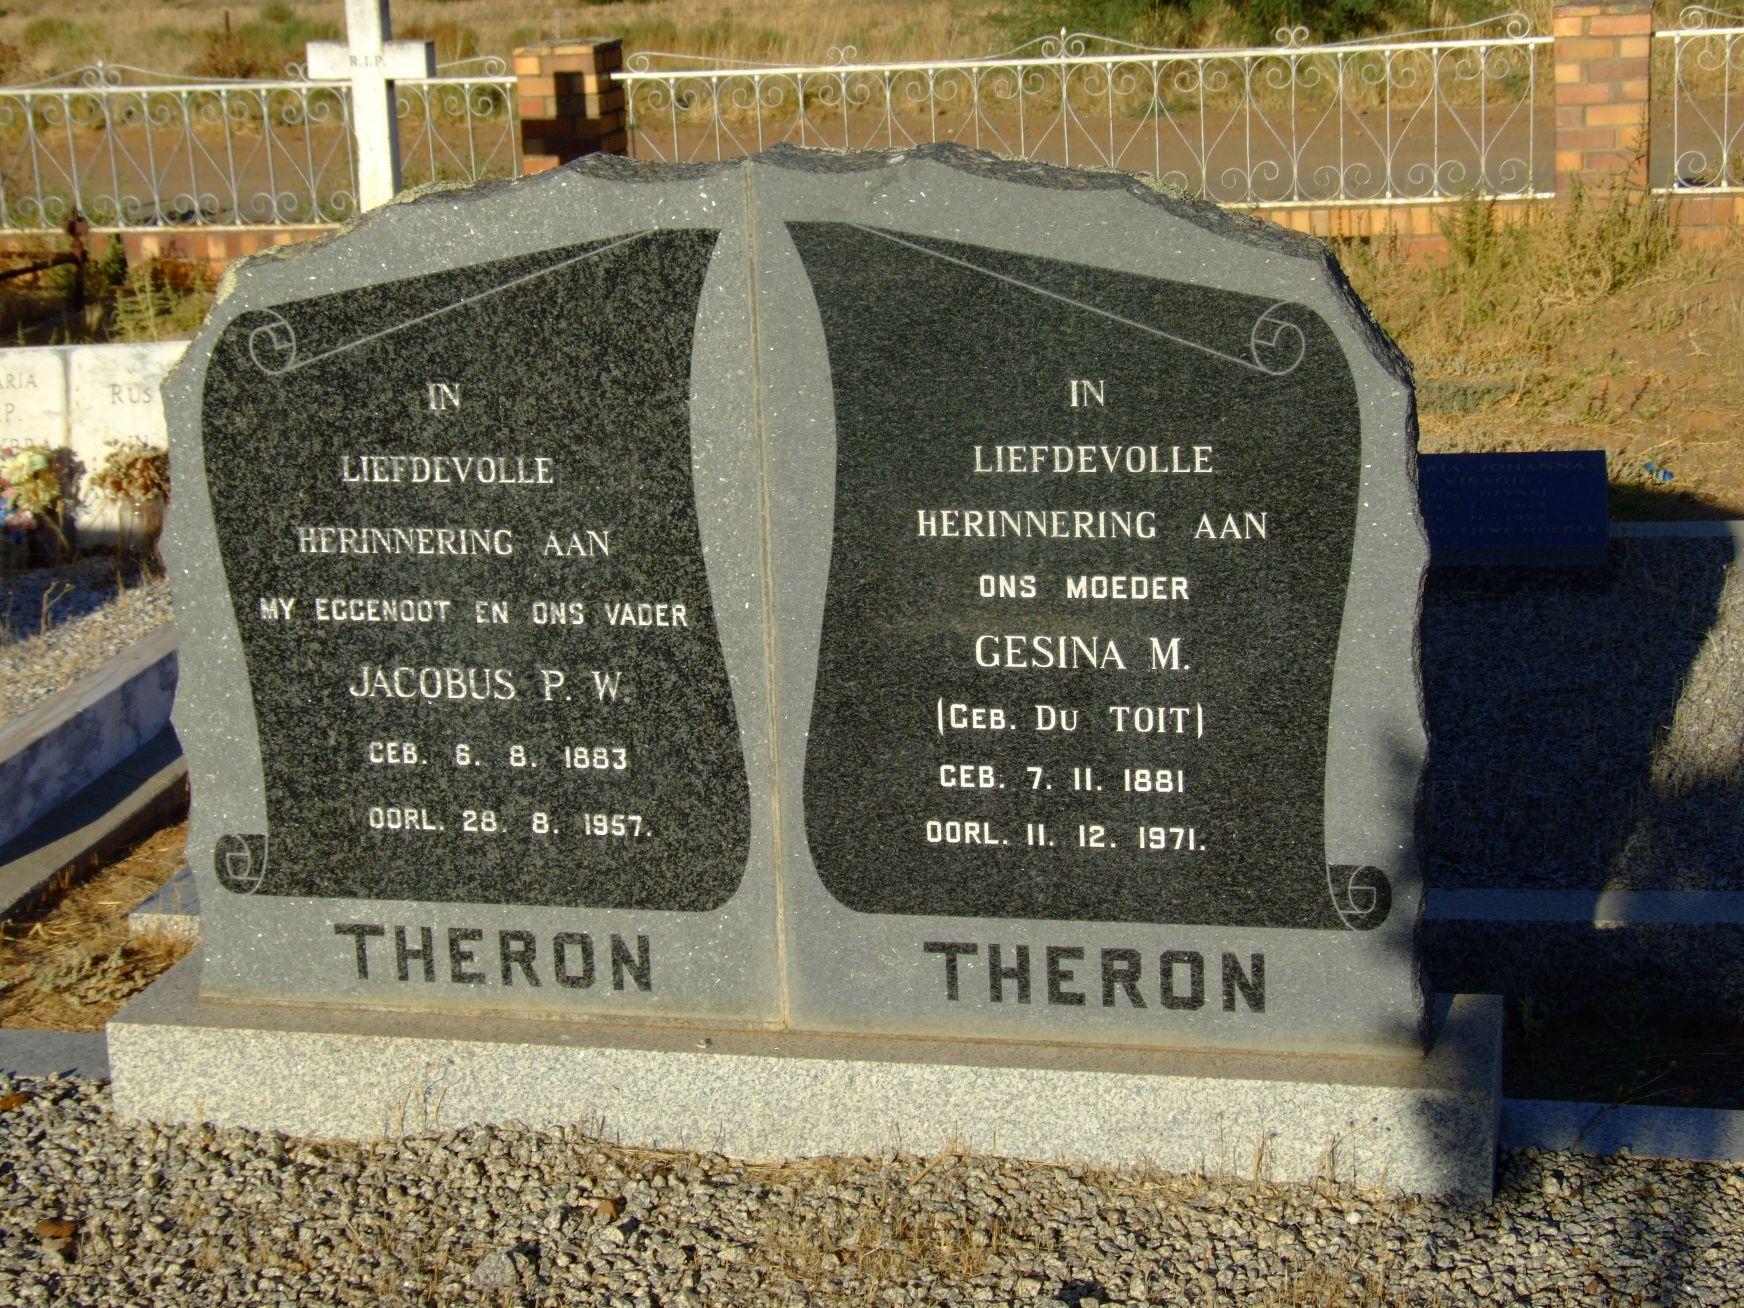 Theron, Jacobus P.H. + Theron, Gesina M. (Gebore Du Toit)